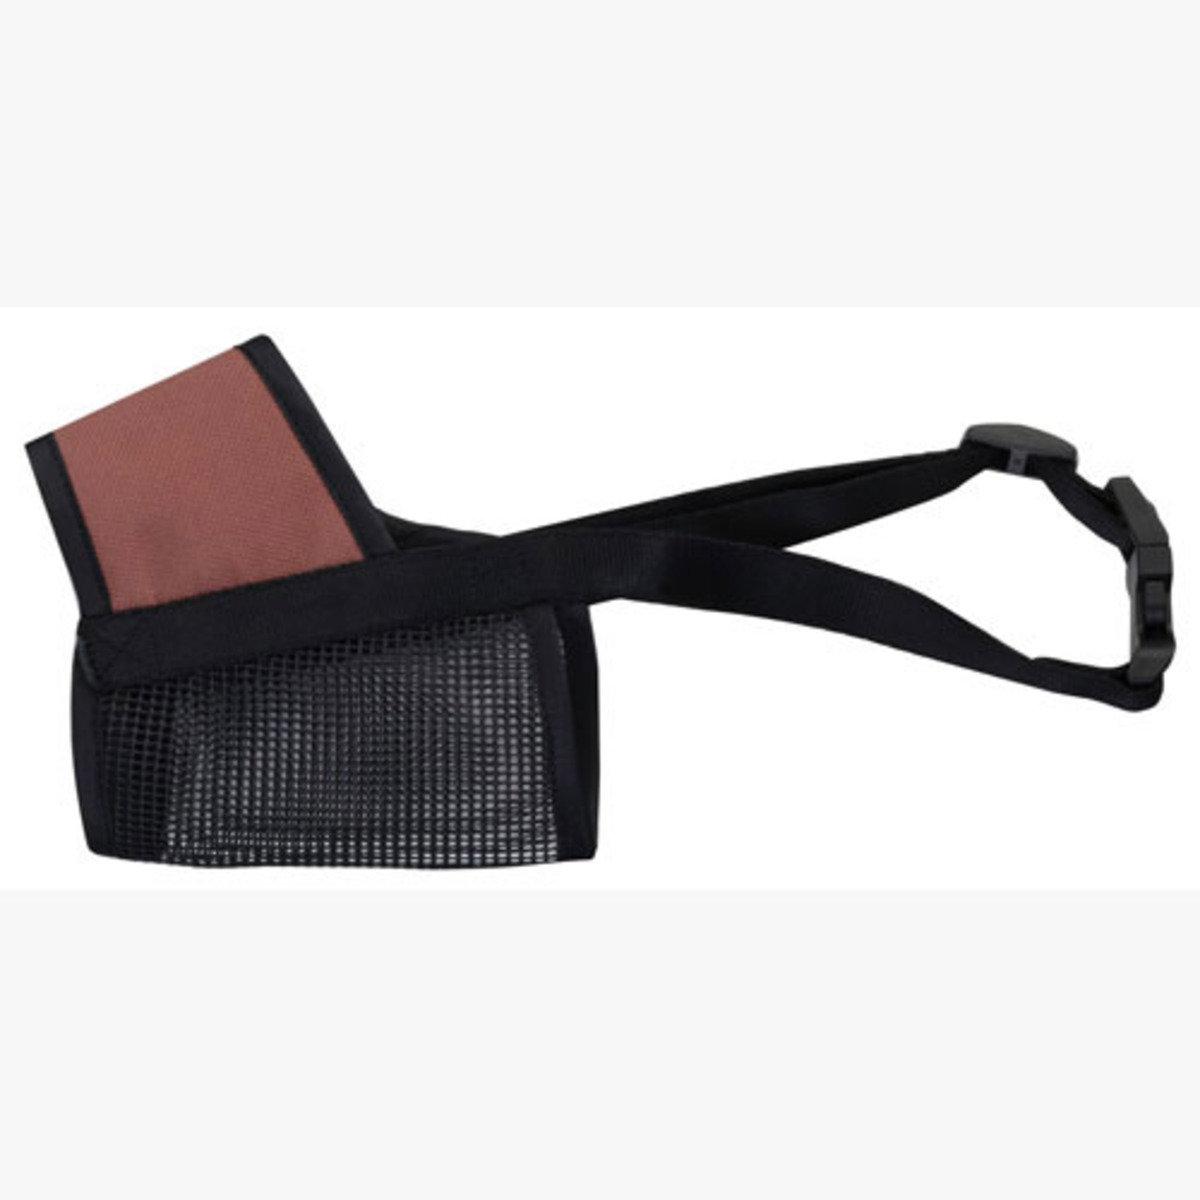 柔軟透氣口罩 #6(W53105)